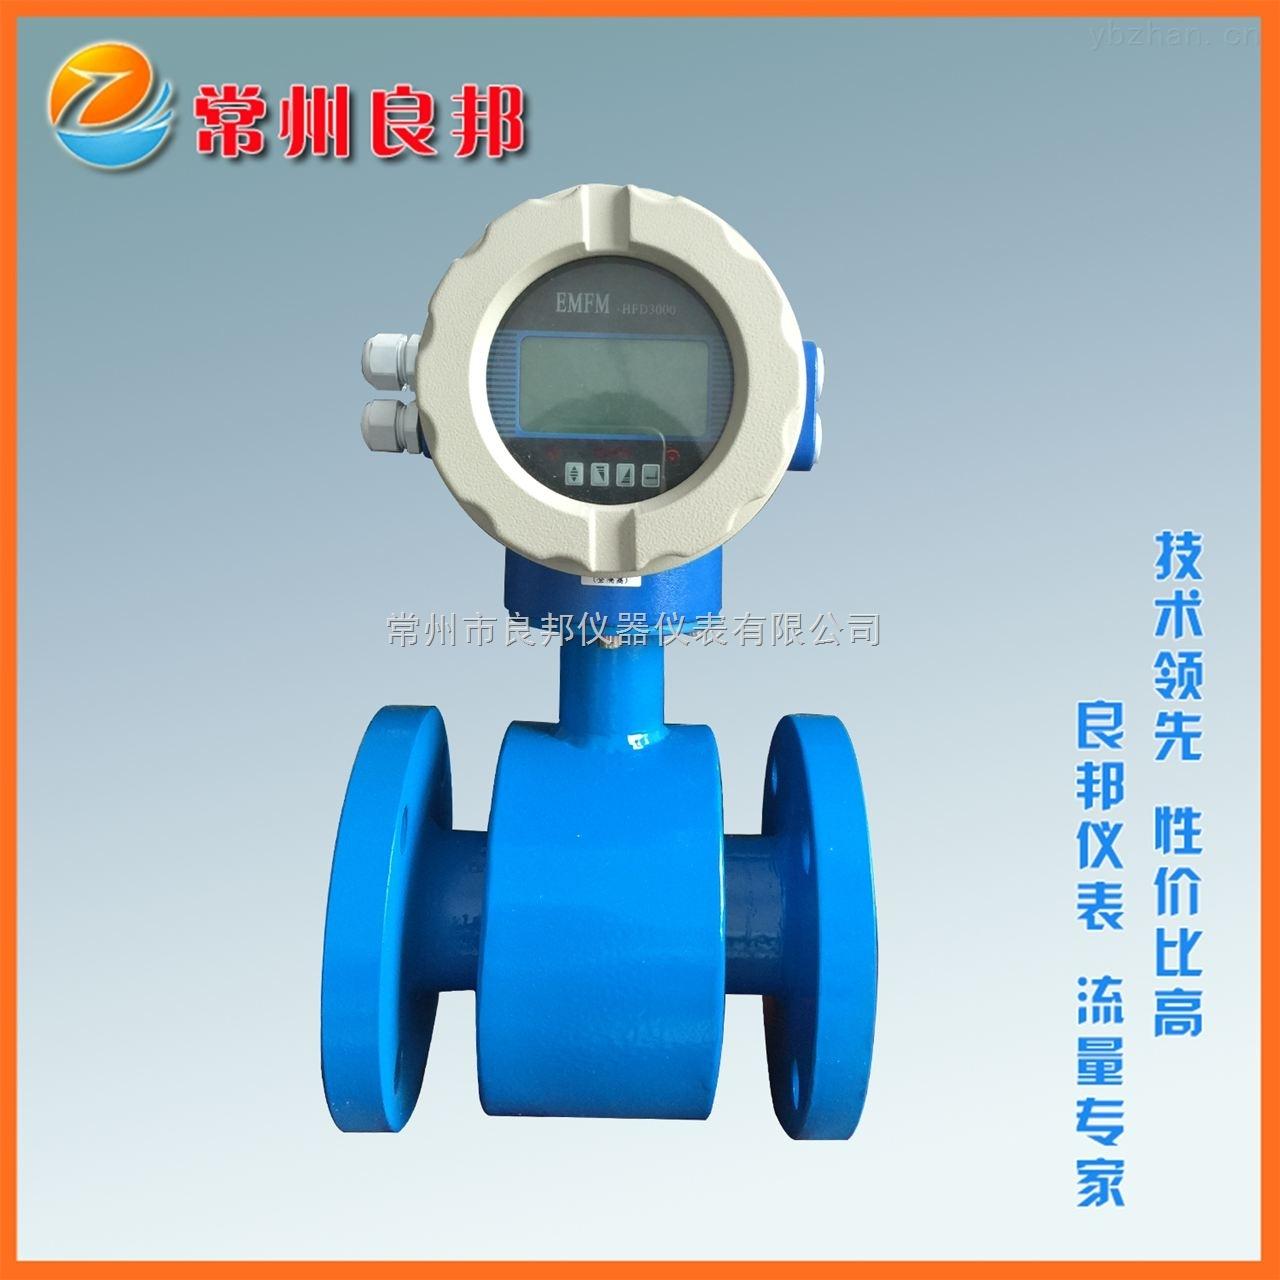 LDG-80-一體化高精度廢水流液體電磁流量計